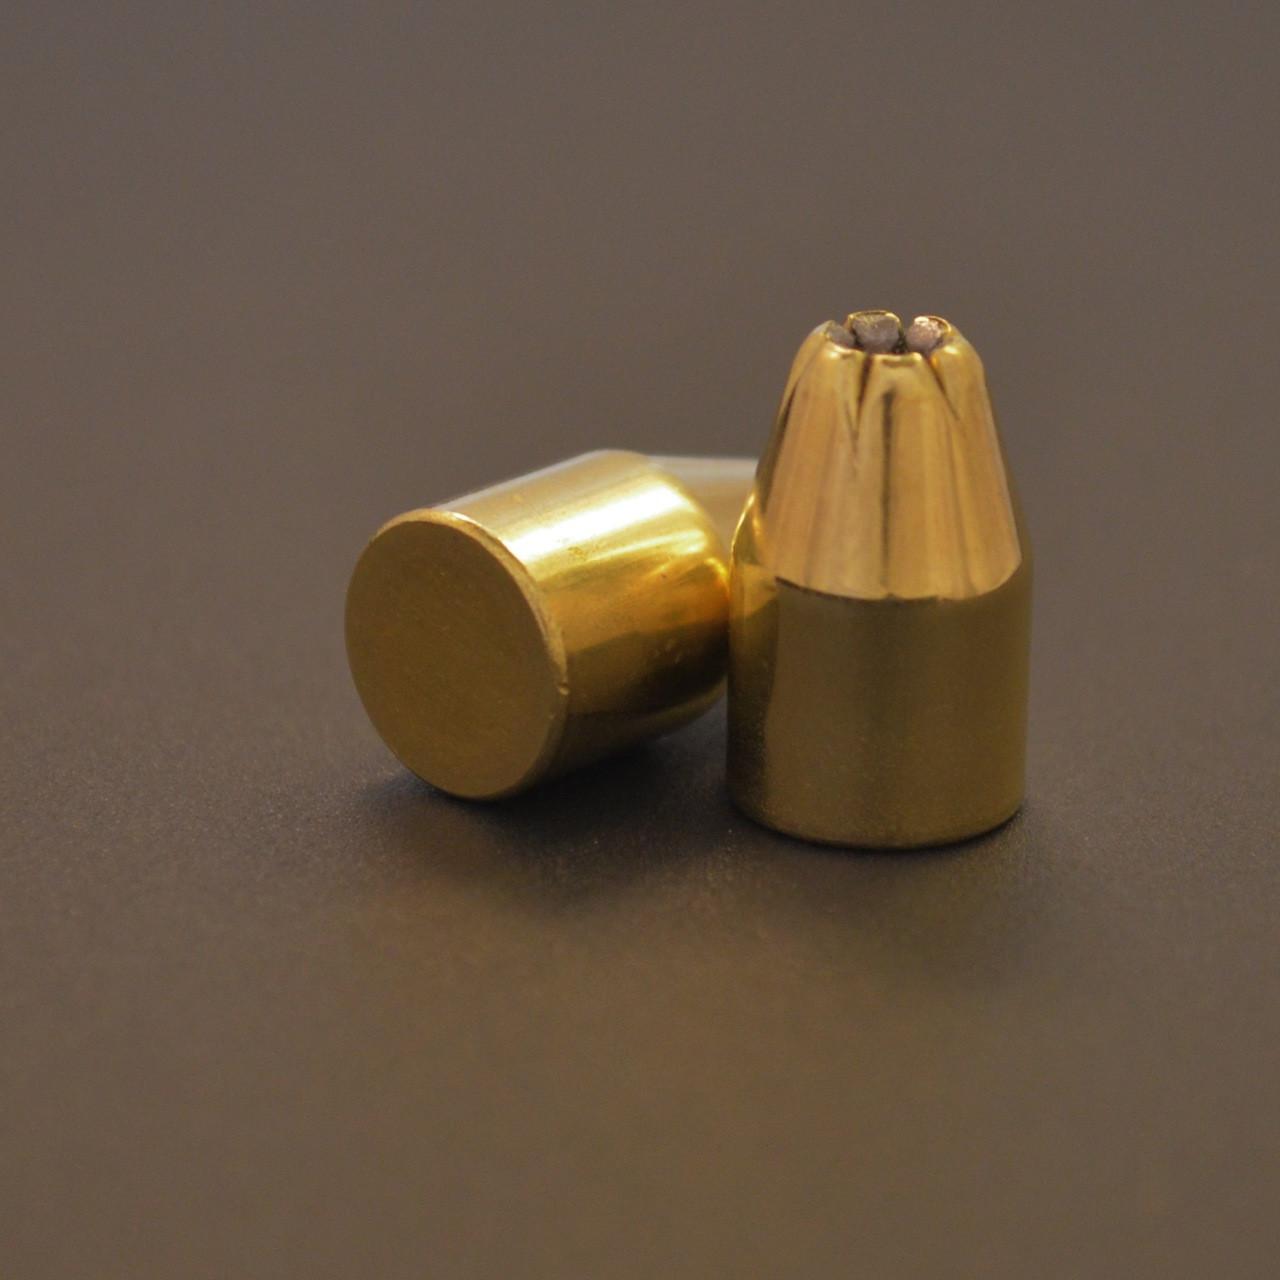 9mm/124gr JHP - 3,750ct CASE